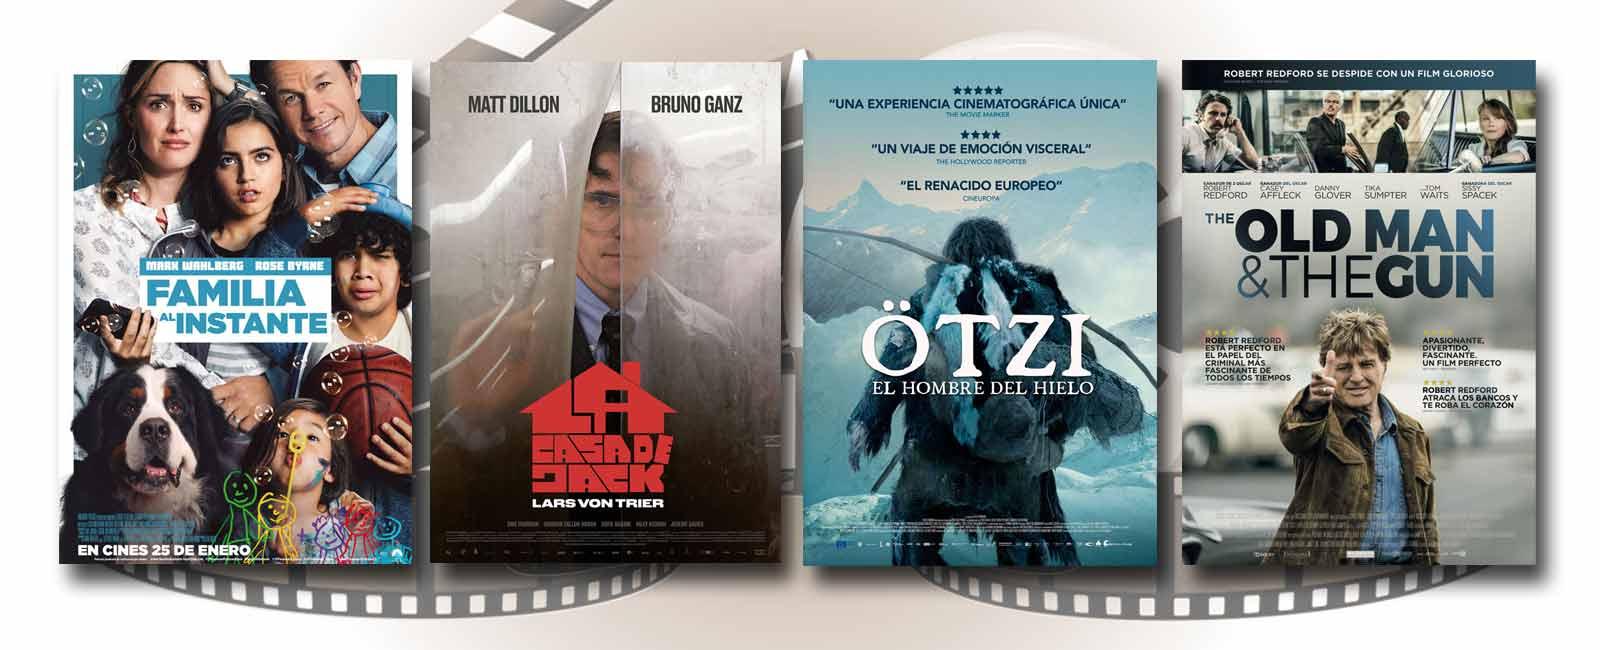 Estrenos de Cine de la Semana… 25 de Enero 2019